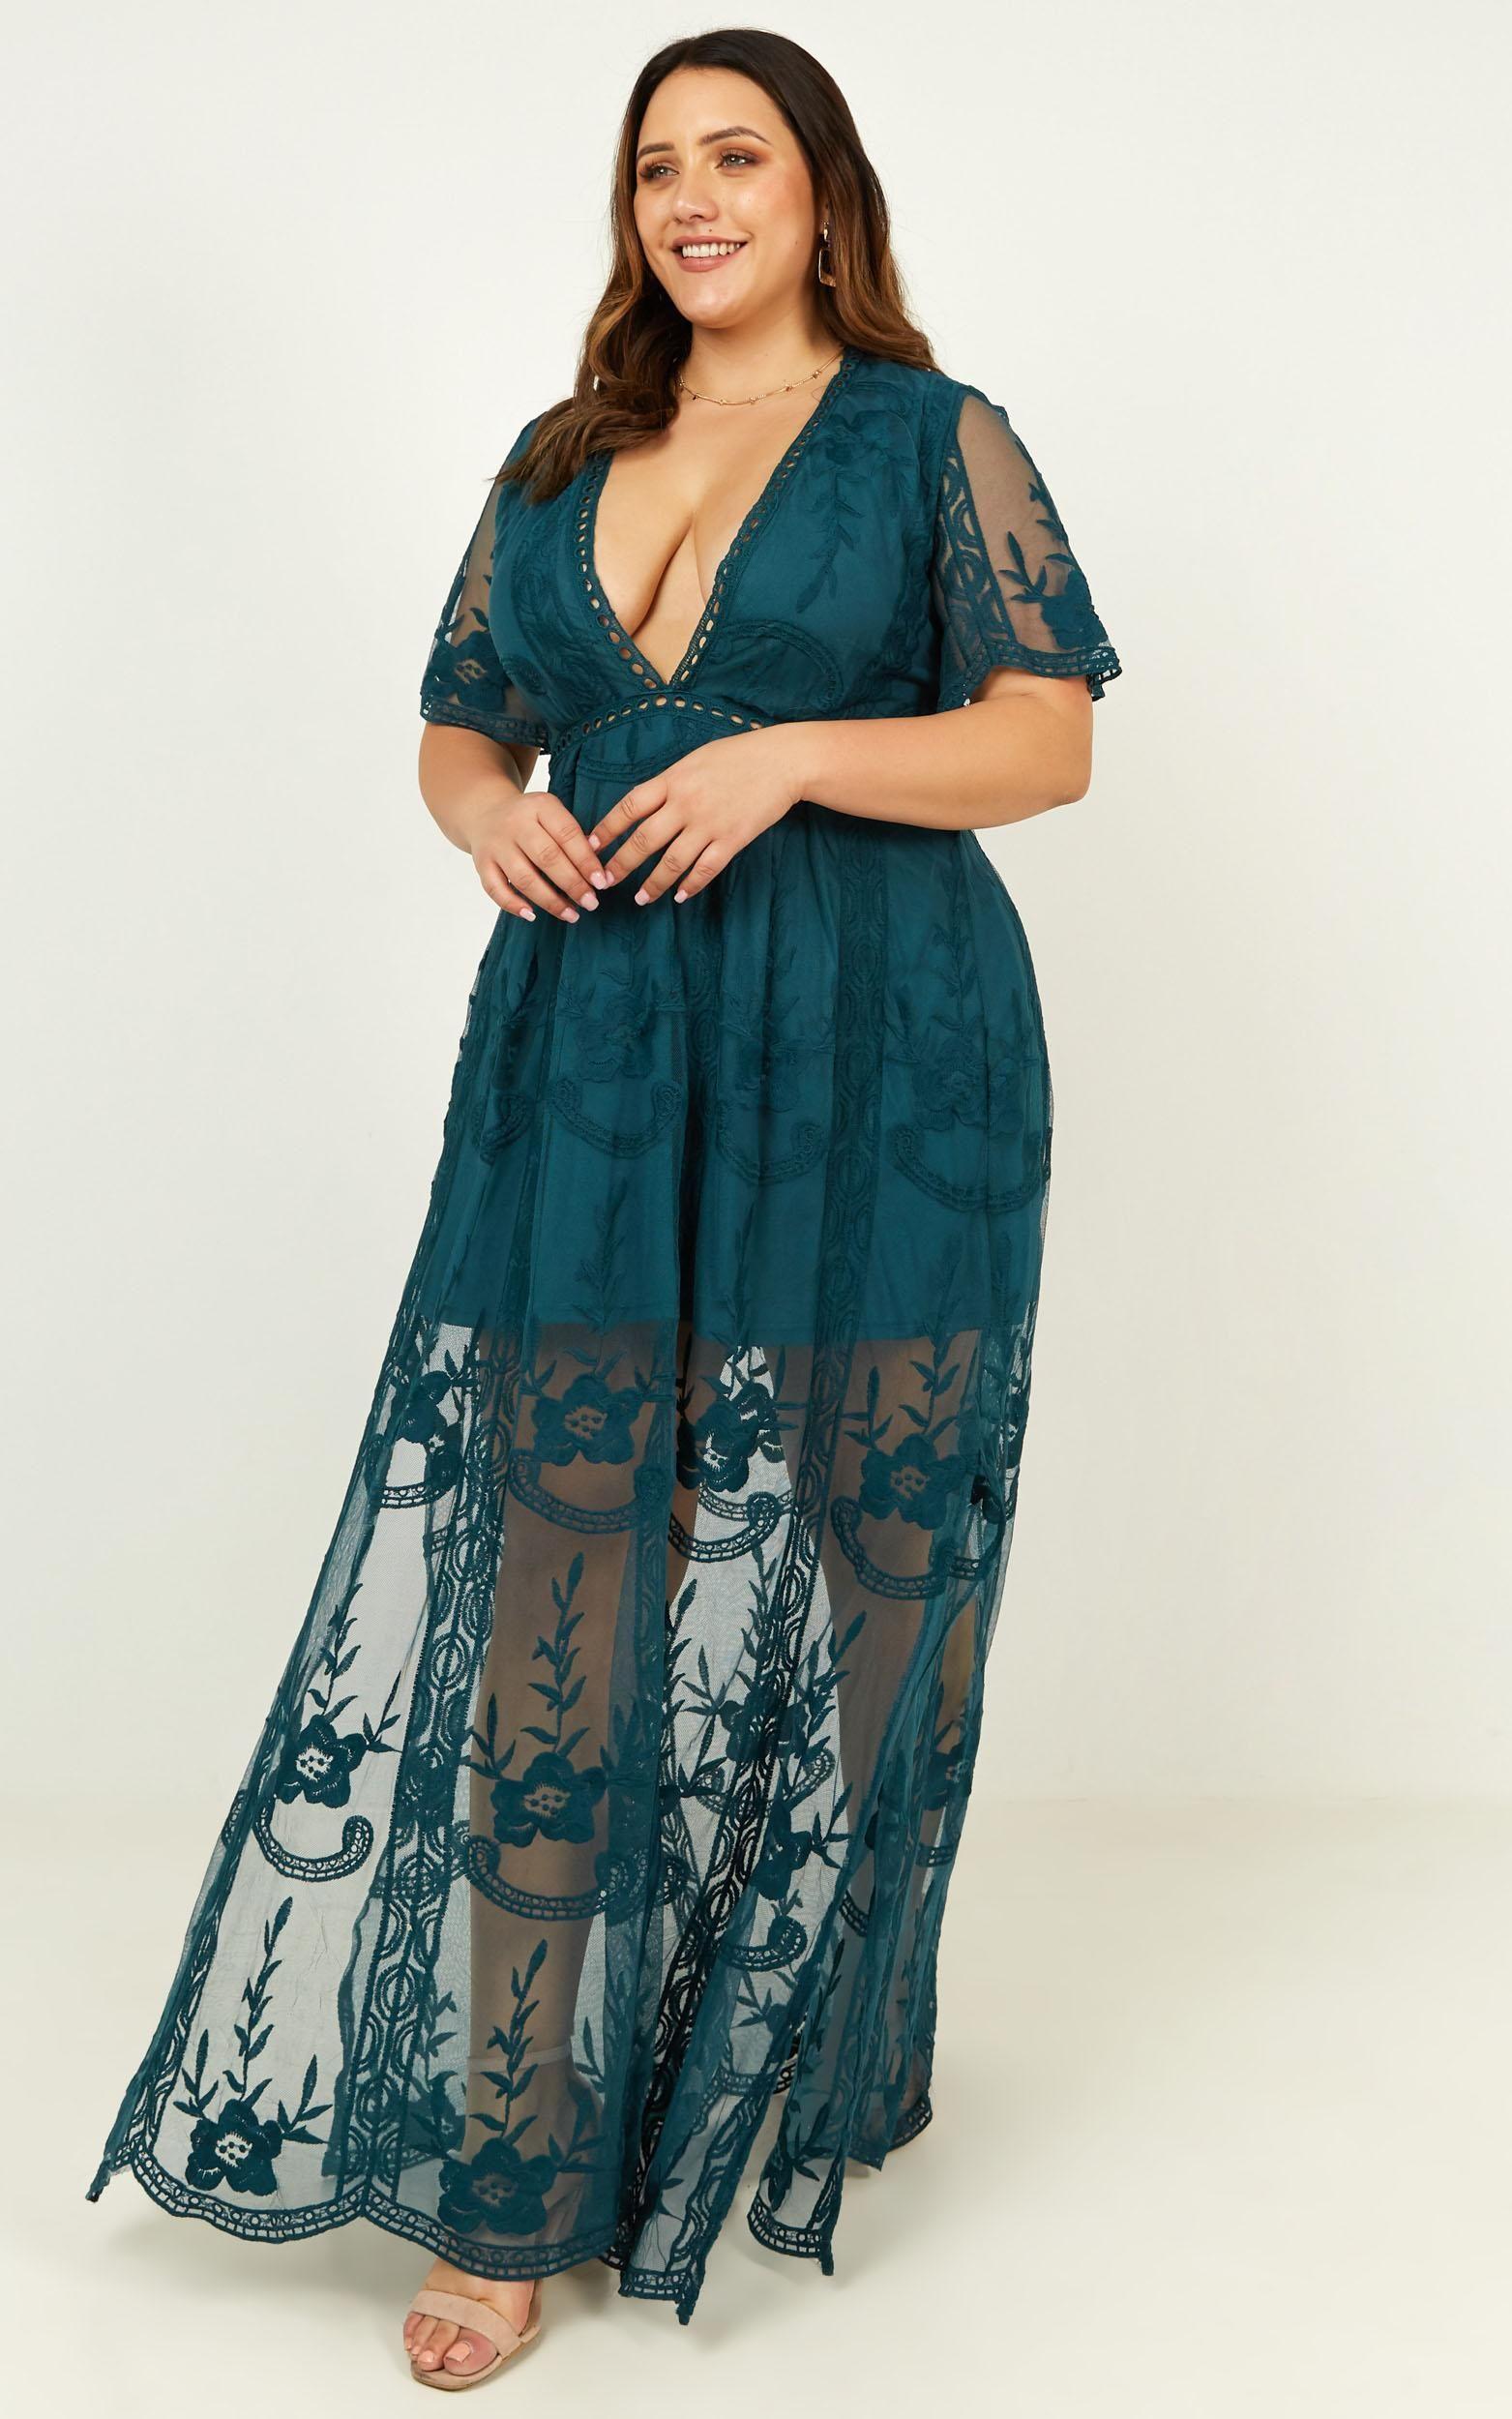 Love Spell Maxi Dress In Emerald Lace Showpo Maxi Dress Dresses Edwardian Dress [ 2500 x 1563 Pixel ]